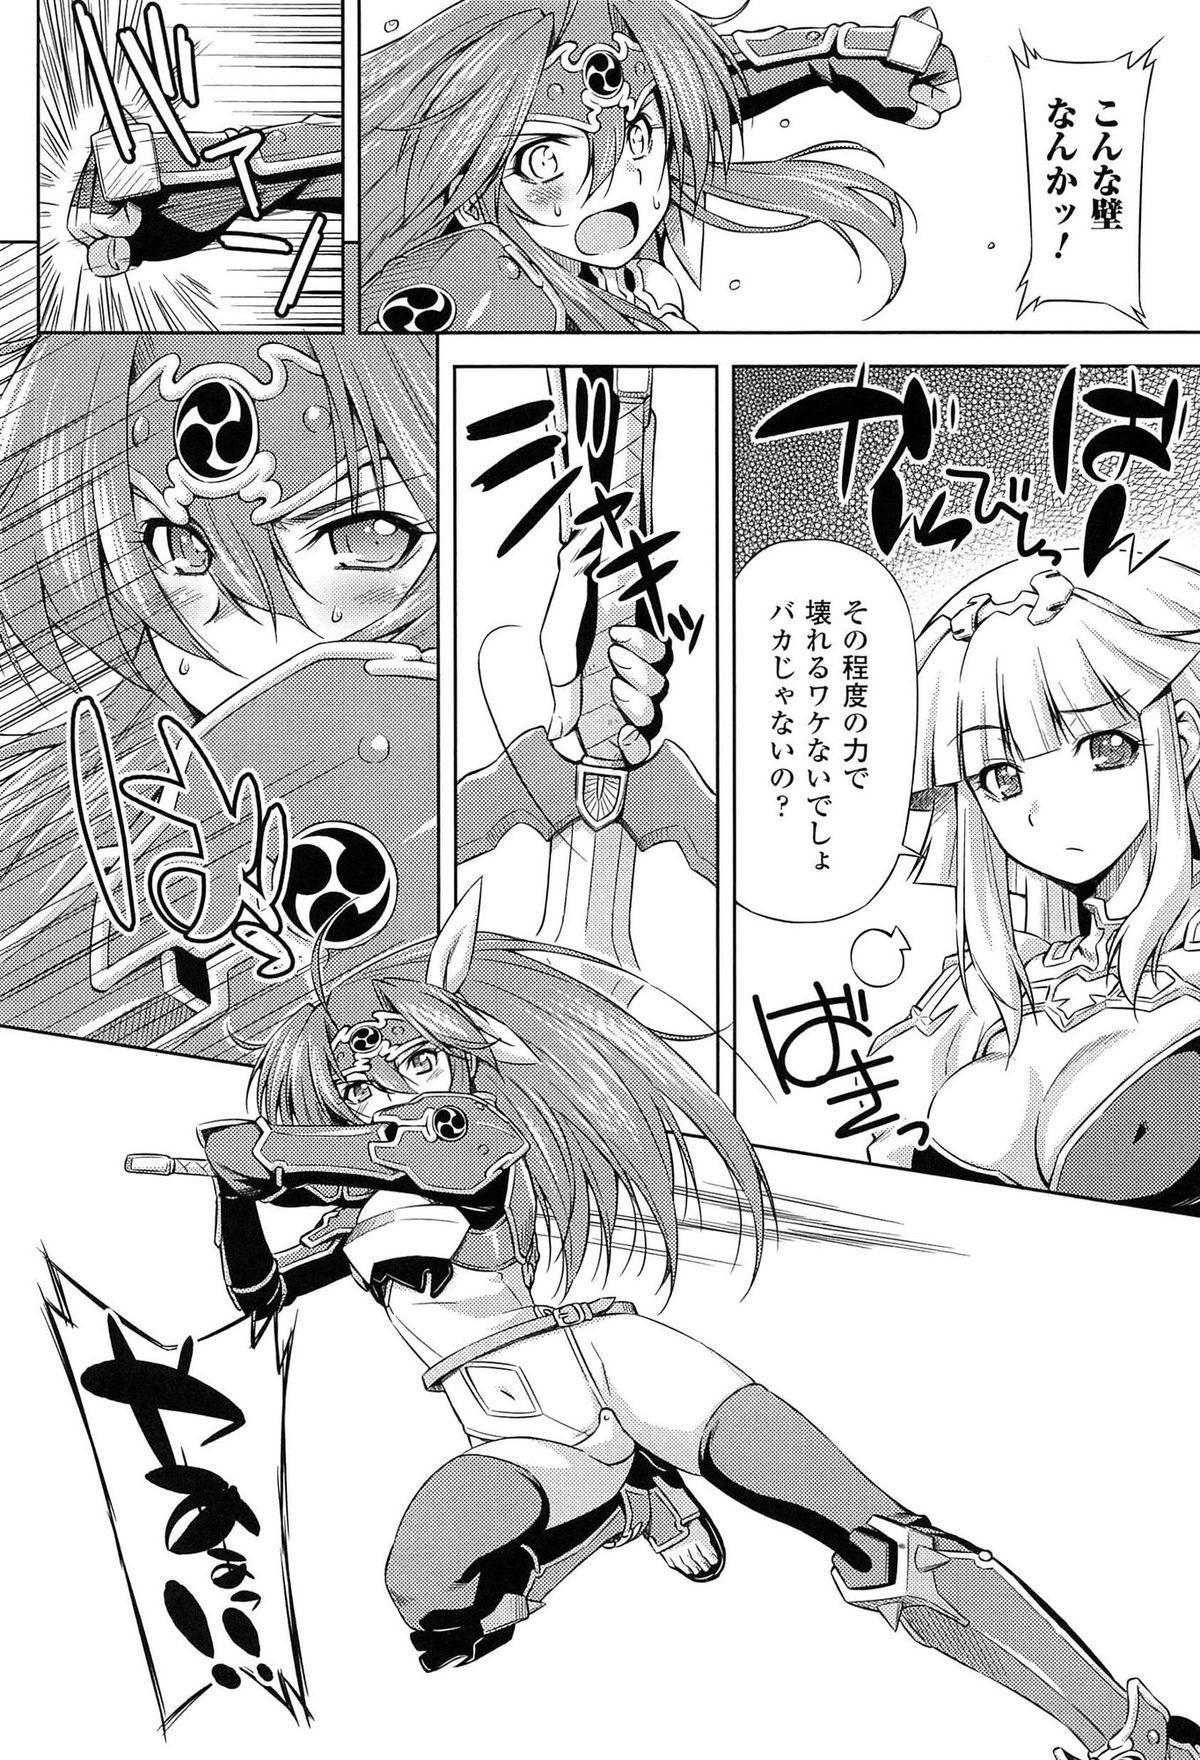 [kazuma muramasa, ZyX] Ikazuchi no Senshi Raidy ~Haja no Raikou~ THE COMIC 73